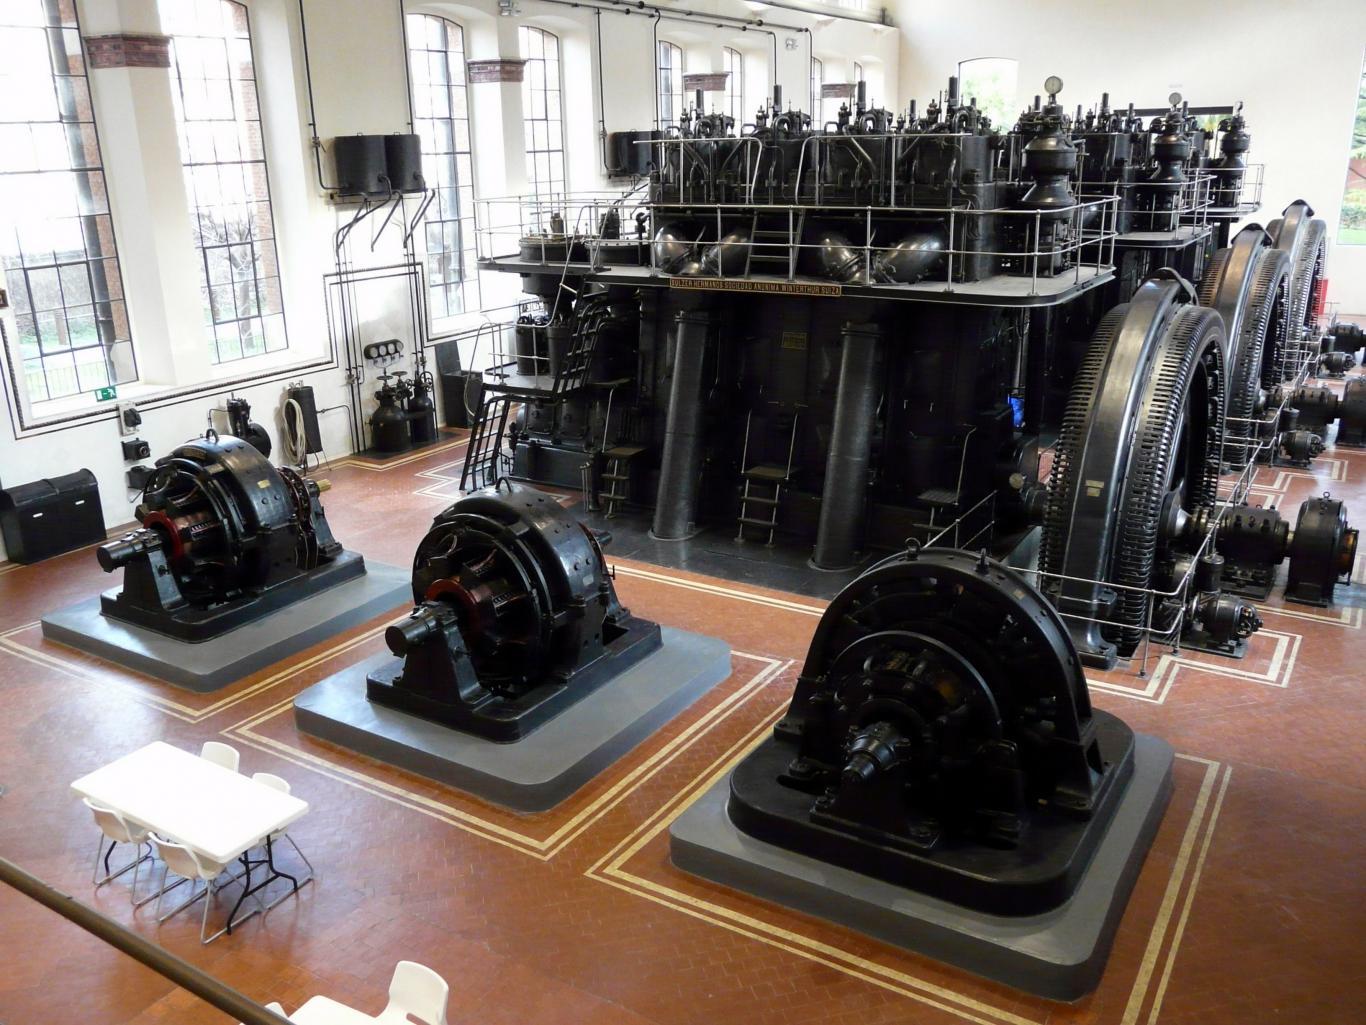 La Nave de Motores columna izquierda Imagen